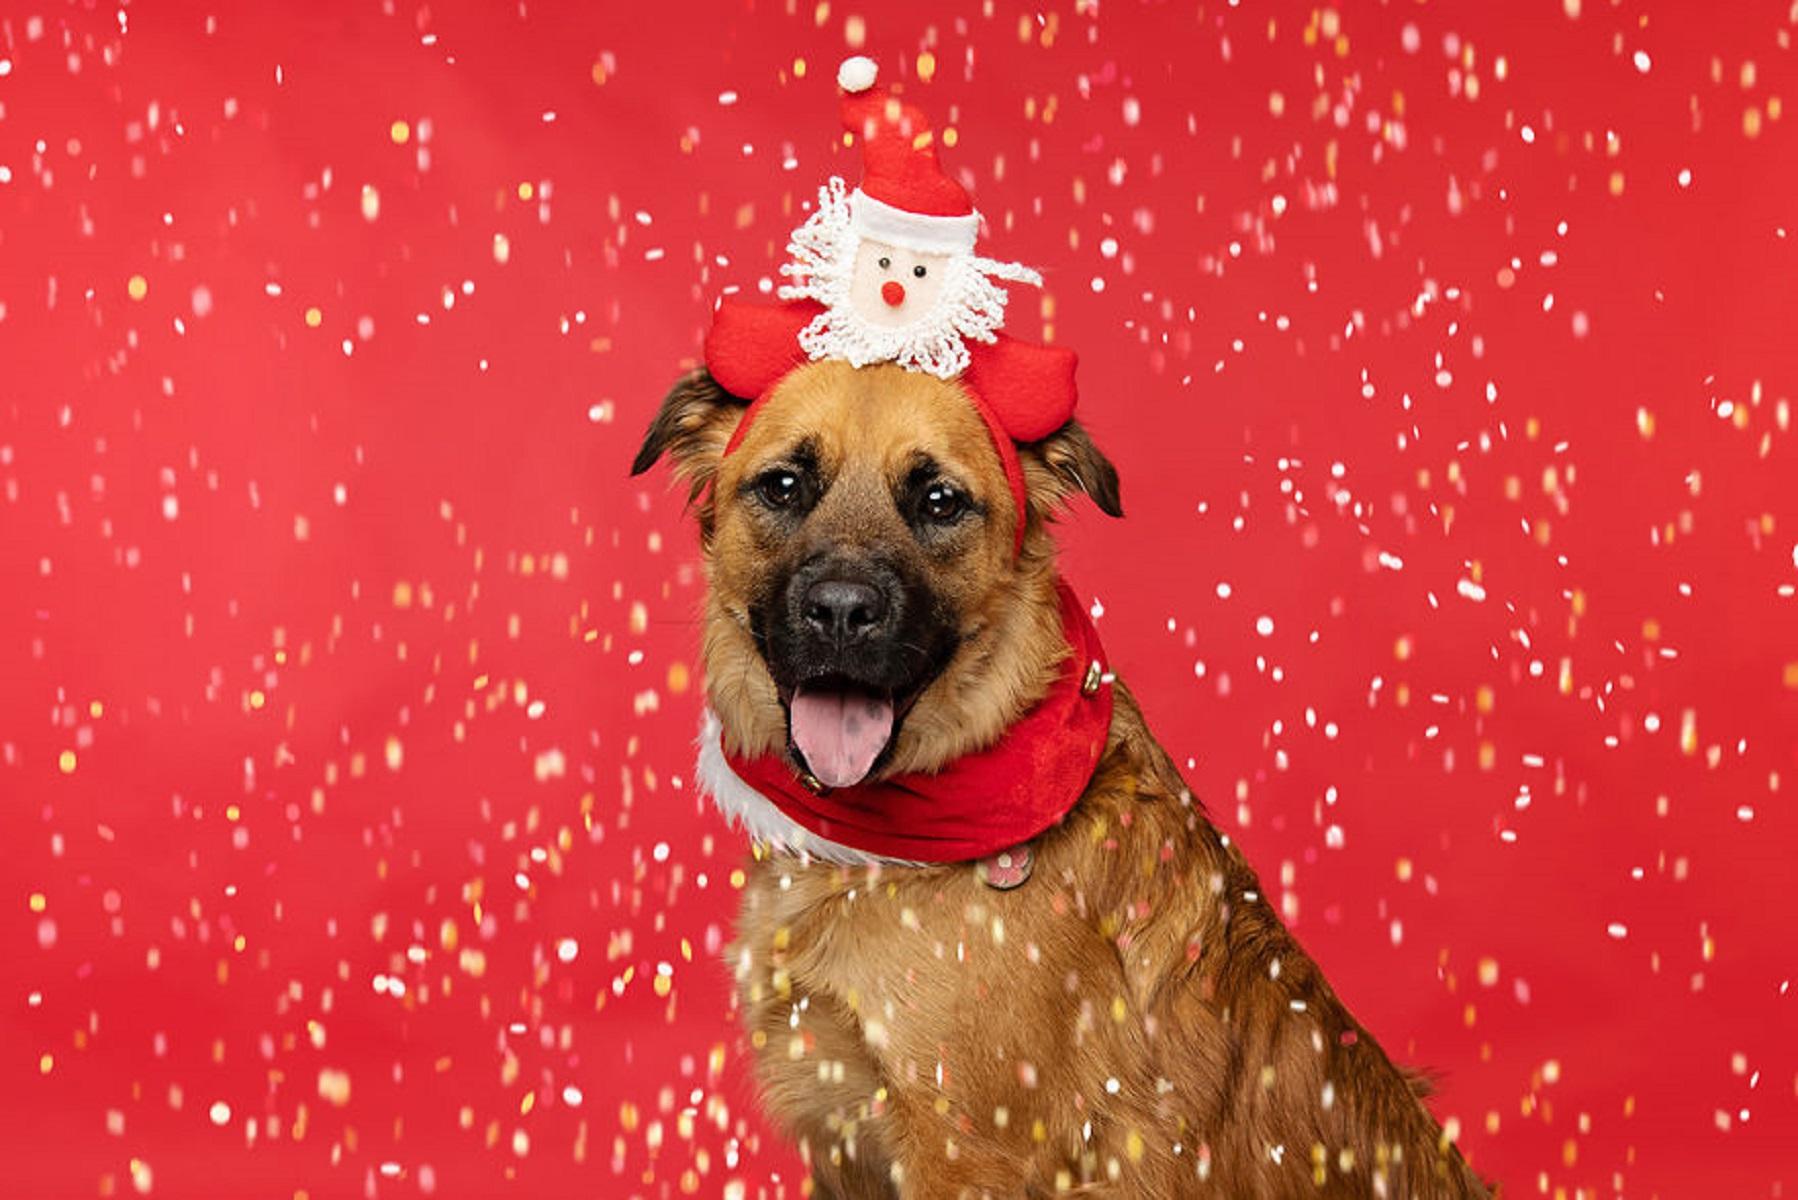 12 caes do Natal essa sessao de fotos natalinas vai te ajudar a entrar no espirito natalino 6